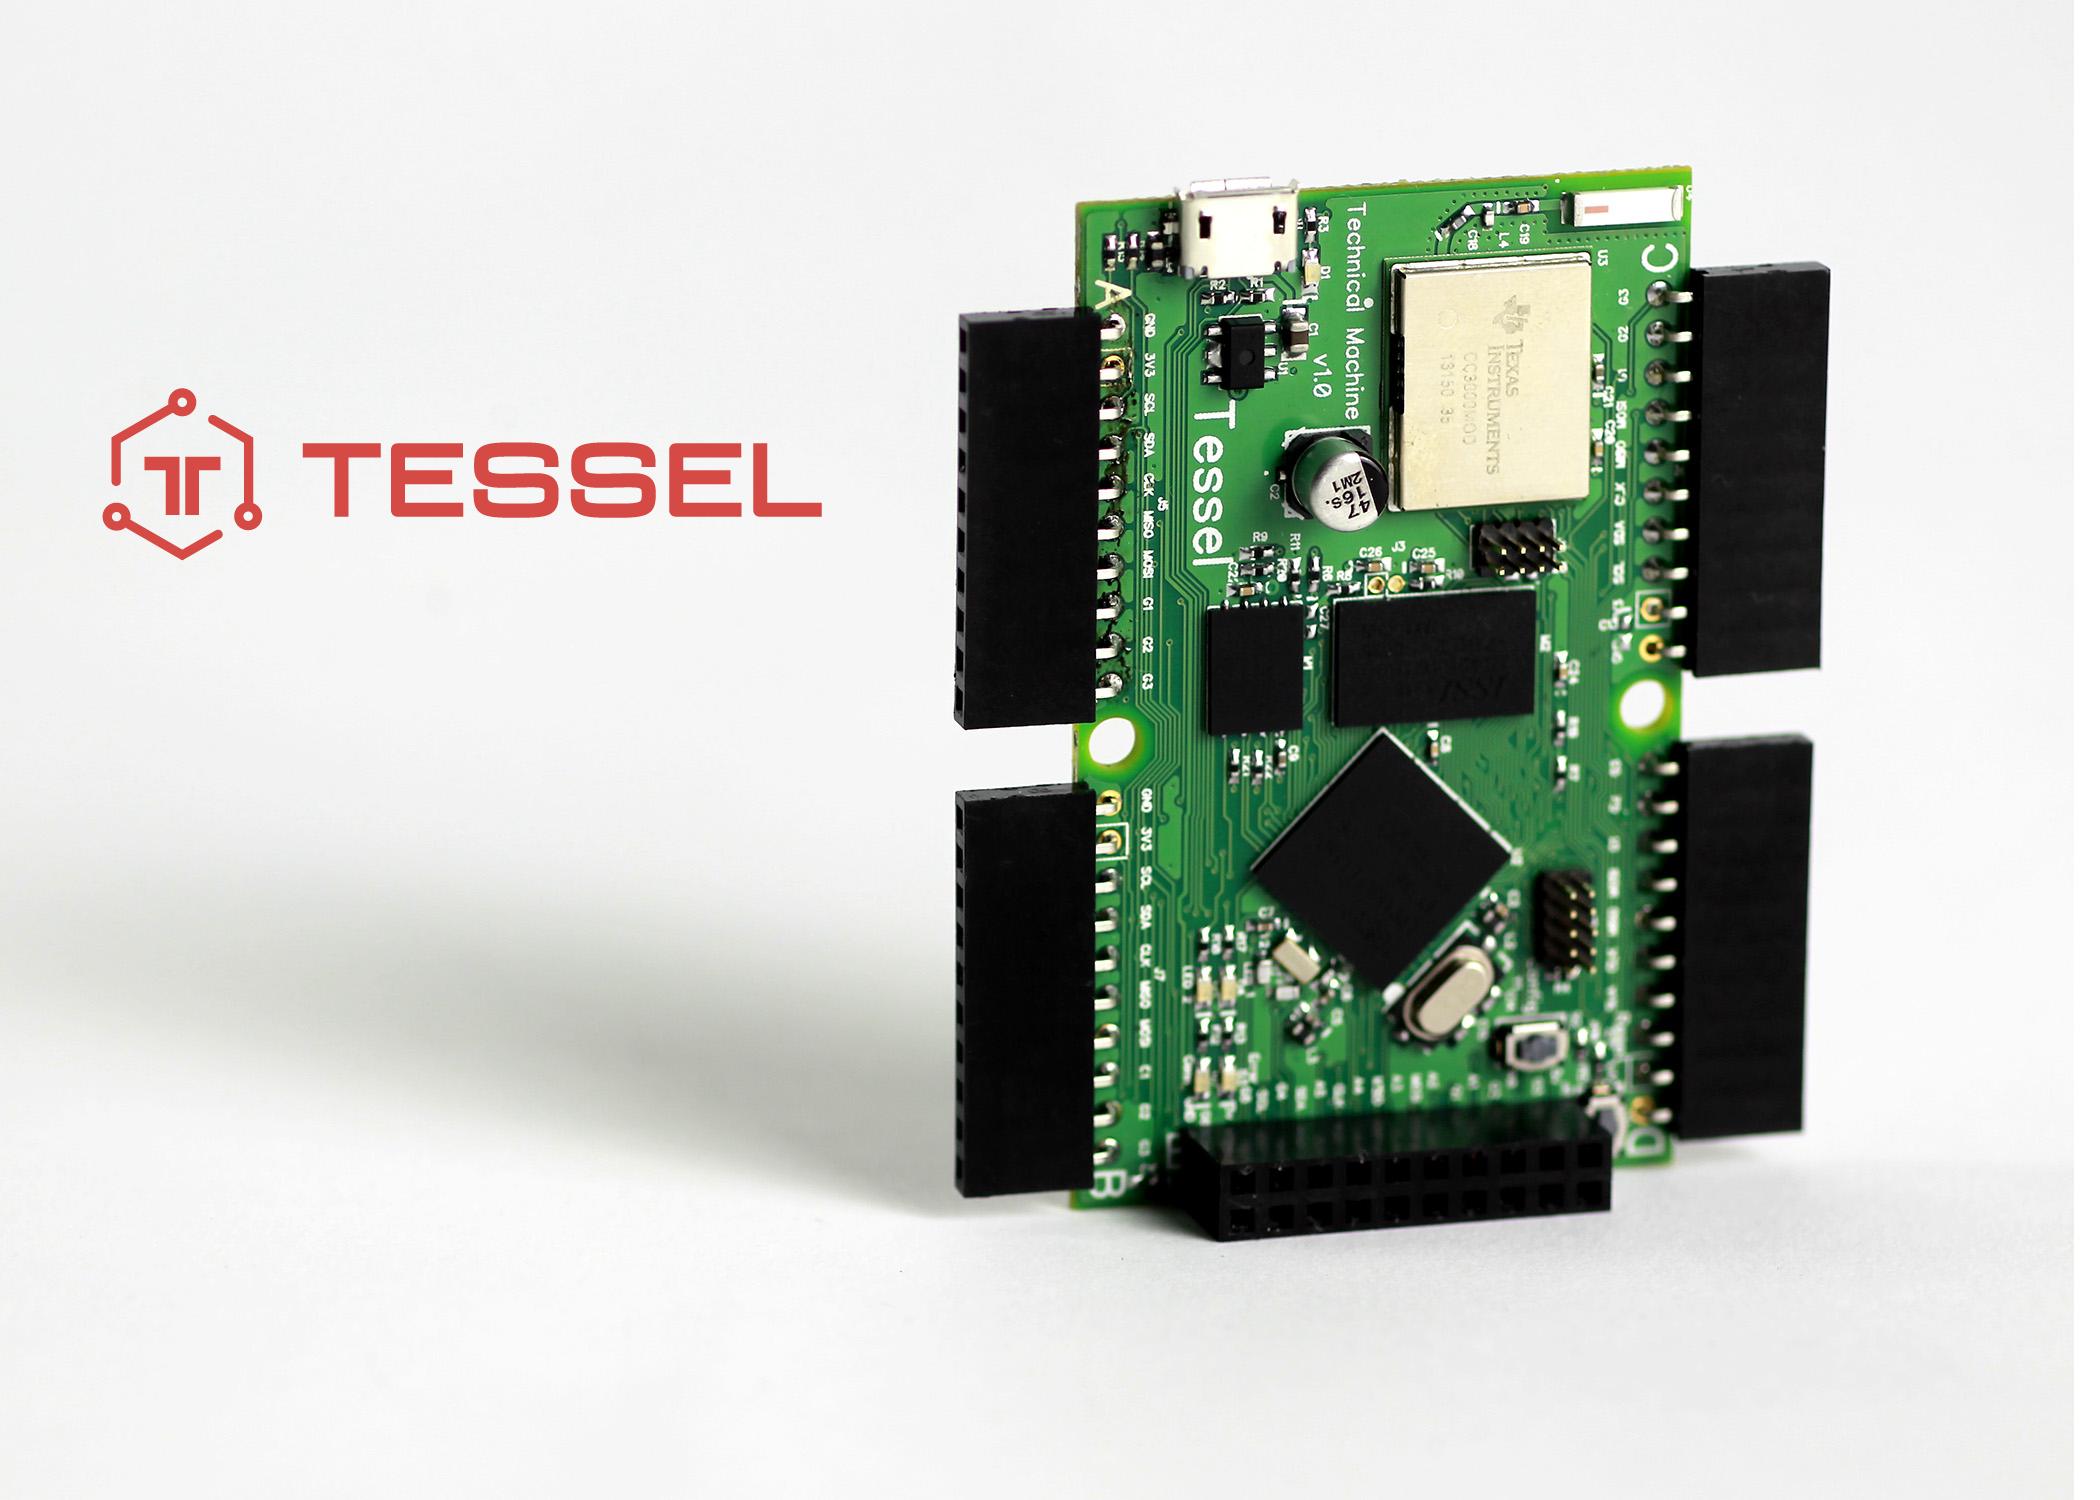 tessel.io, il device per makers fatto in node.js